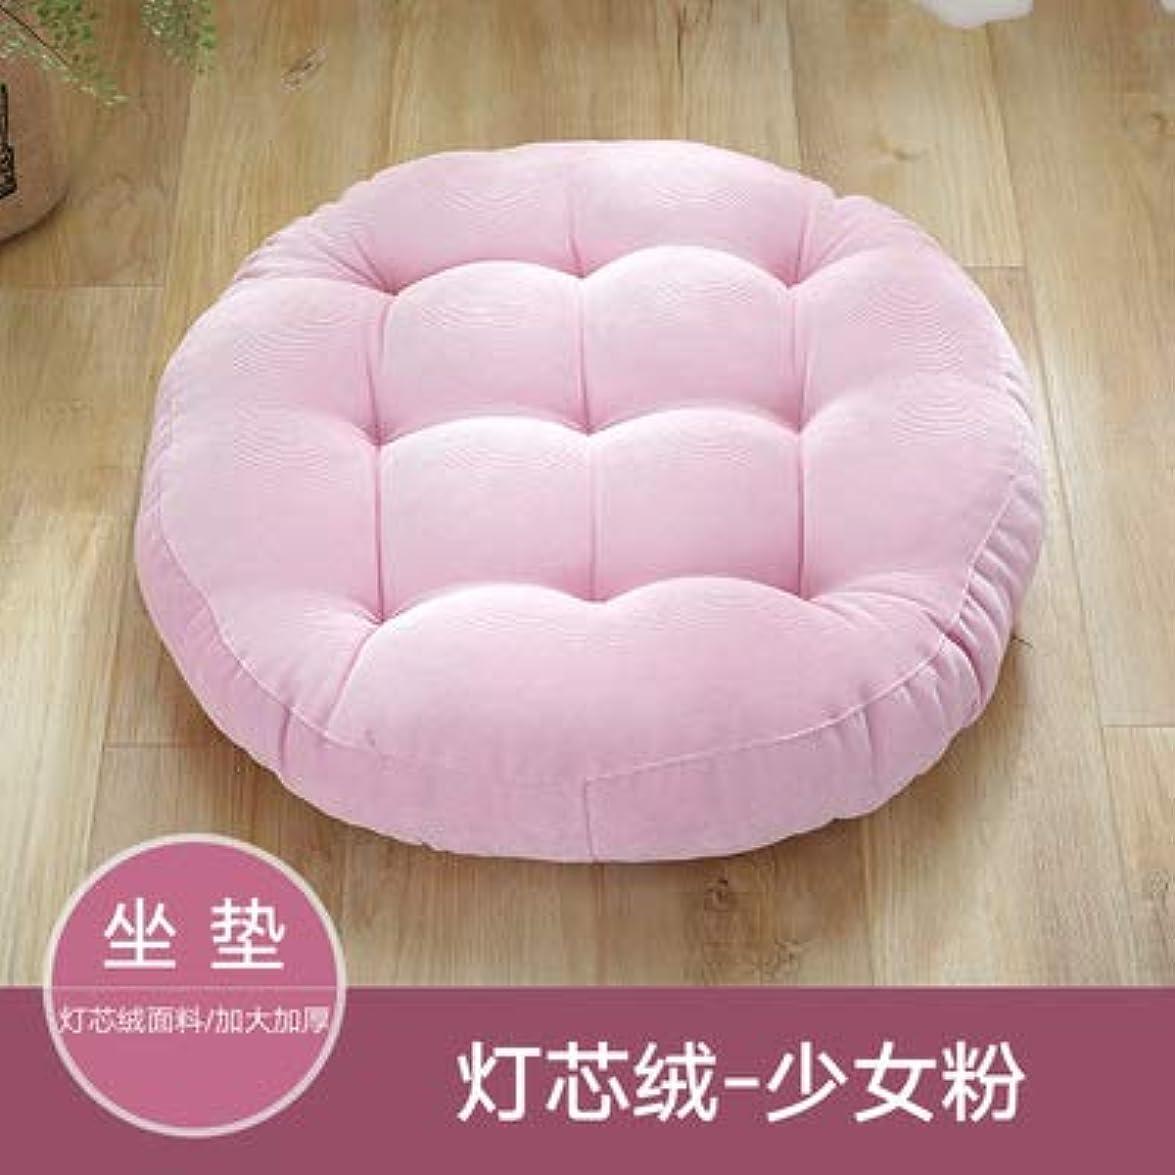 ペフ縮れたクックLIFE ラウンド厚い椅子のクッションフロアマットレスシートパッドソフトホームオフィスチェアクッションマットソフトスロー枕最高品質の床クッション クッション 椅子